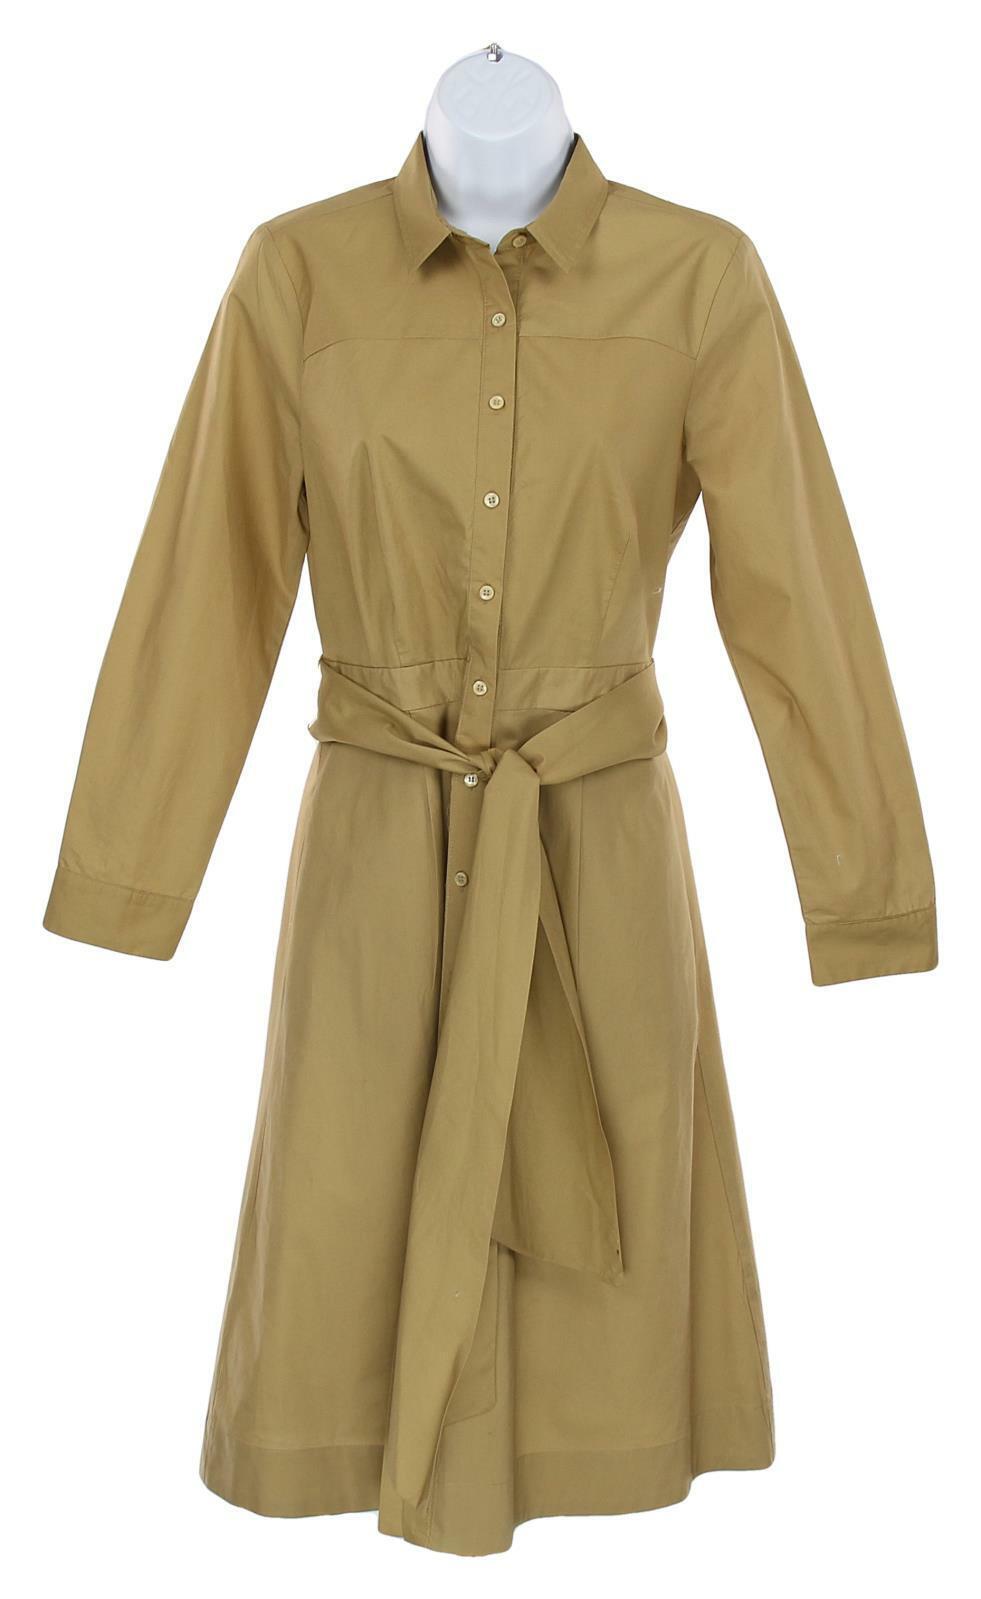 J Crew Women's Tie Waist Shirt Shirt Shirt Dress in Cotton Honey Brown Button 8 J5358 d38083